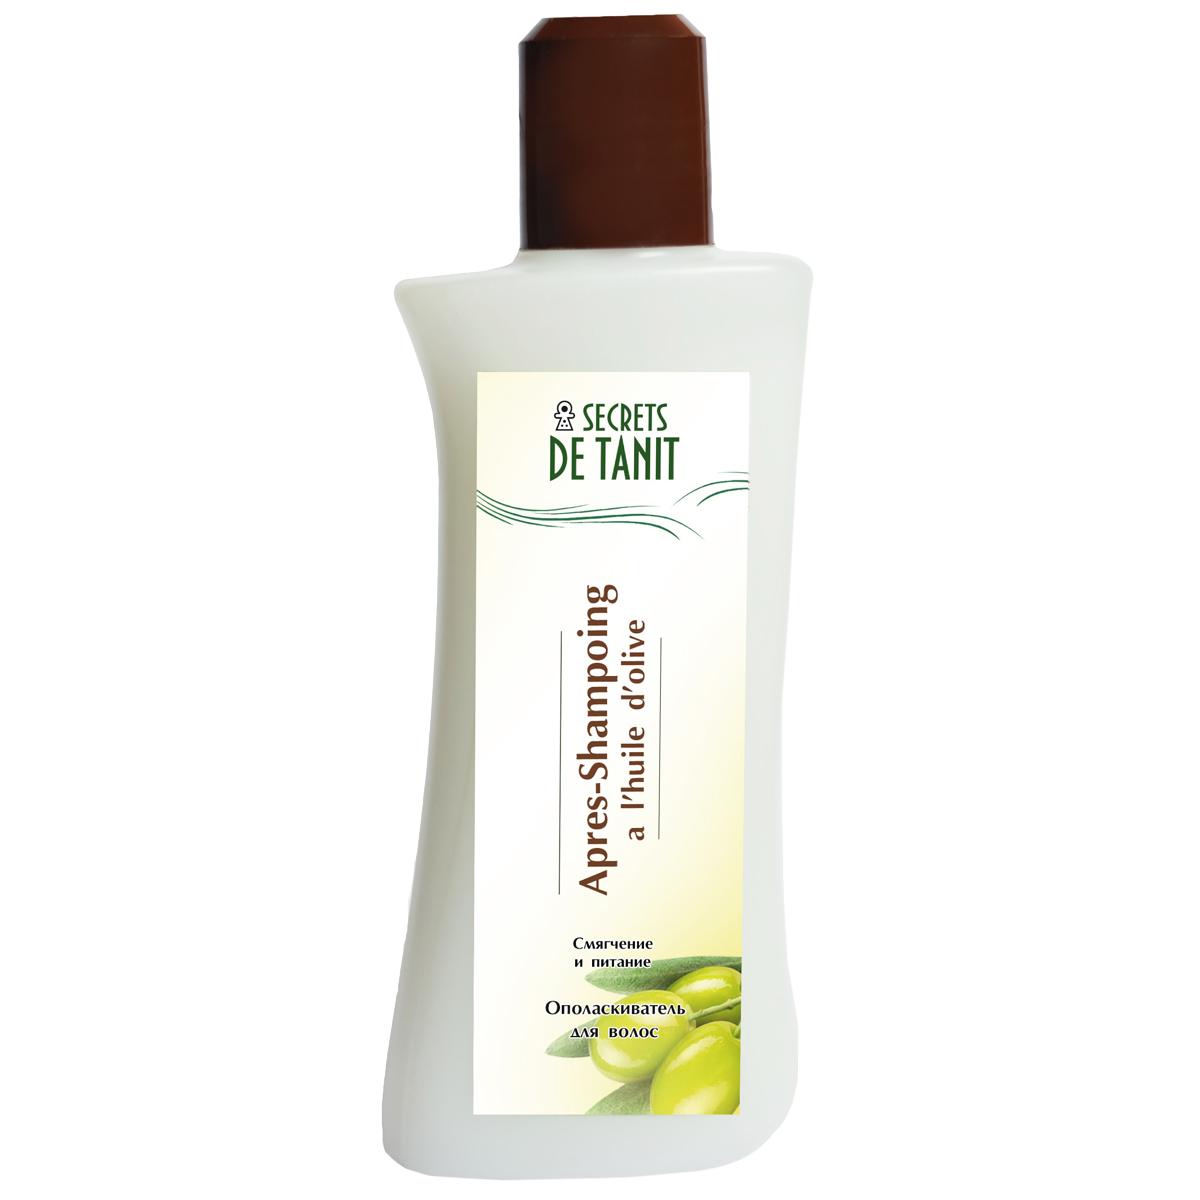 Secrets de Tanit Ополаскиватель для волос с маслом оливы, 200 млMP59.4DОполаскиватель для волос облегчает расчесывание волос после мытья Шампунем с глиной Тфаль ( Гассуль) ,придает им эластичность и шелковистость. Ополаскиватель содержит масло оливы, который бережно обеспечиваетволосы и кожу головы питательными веществами.